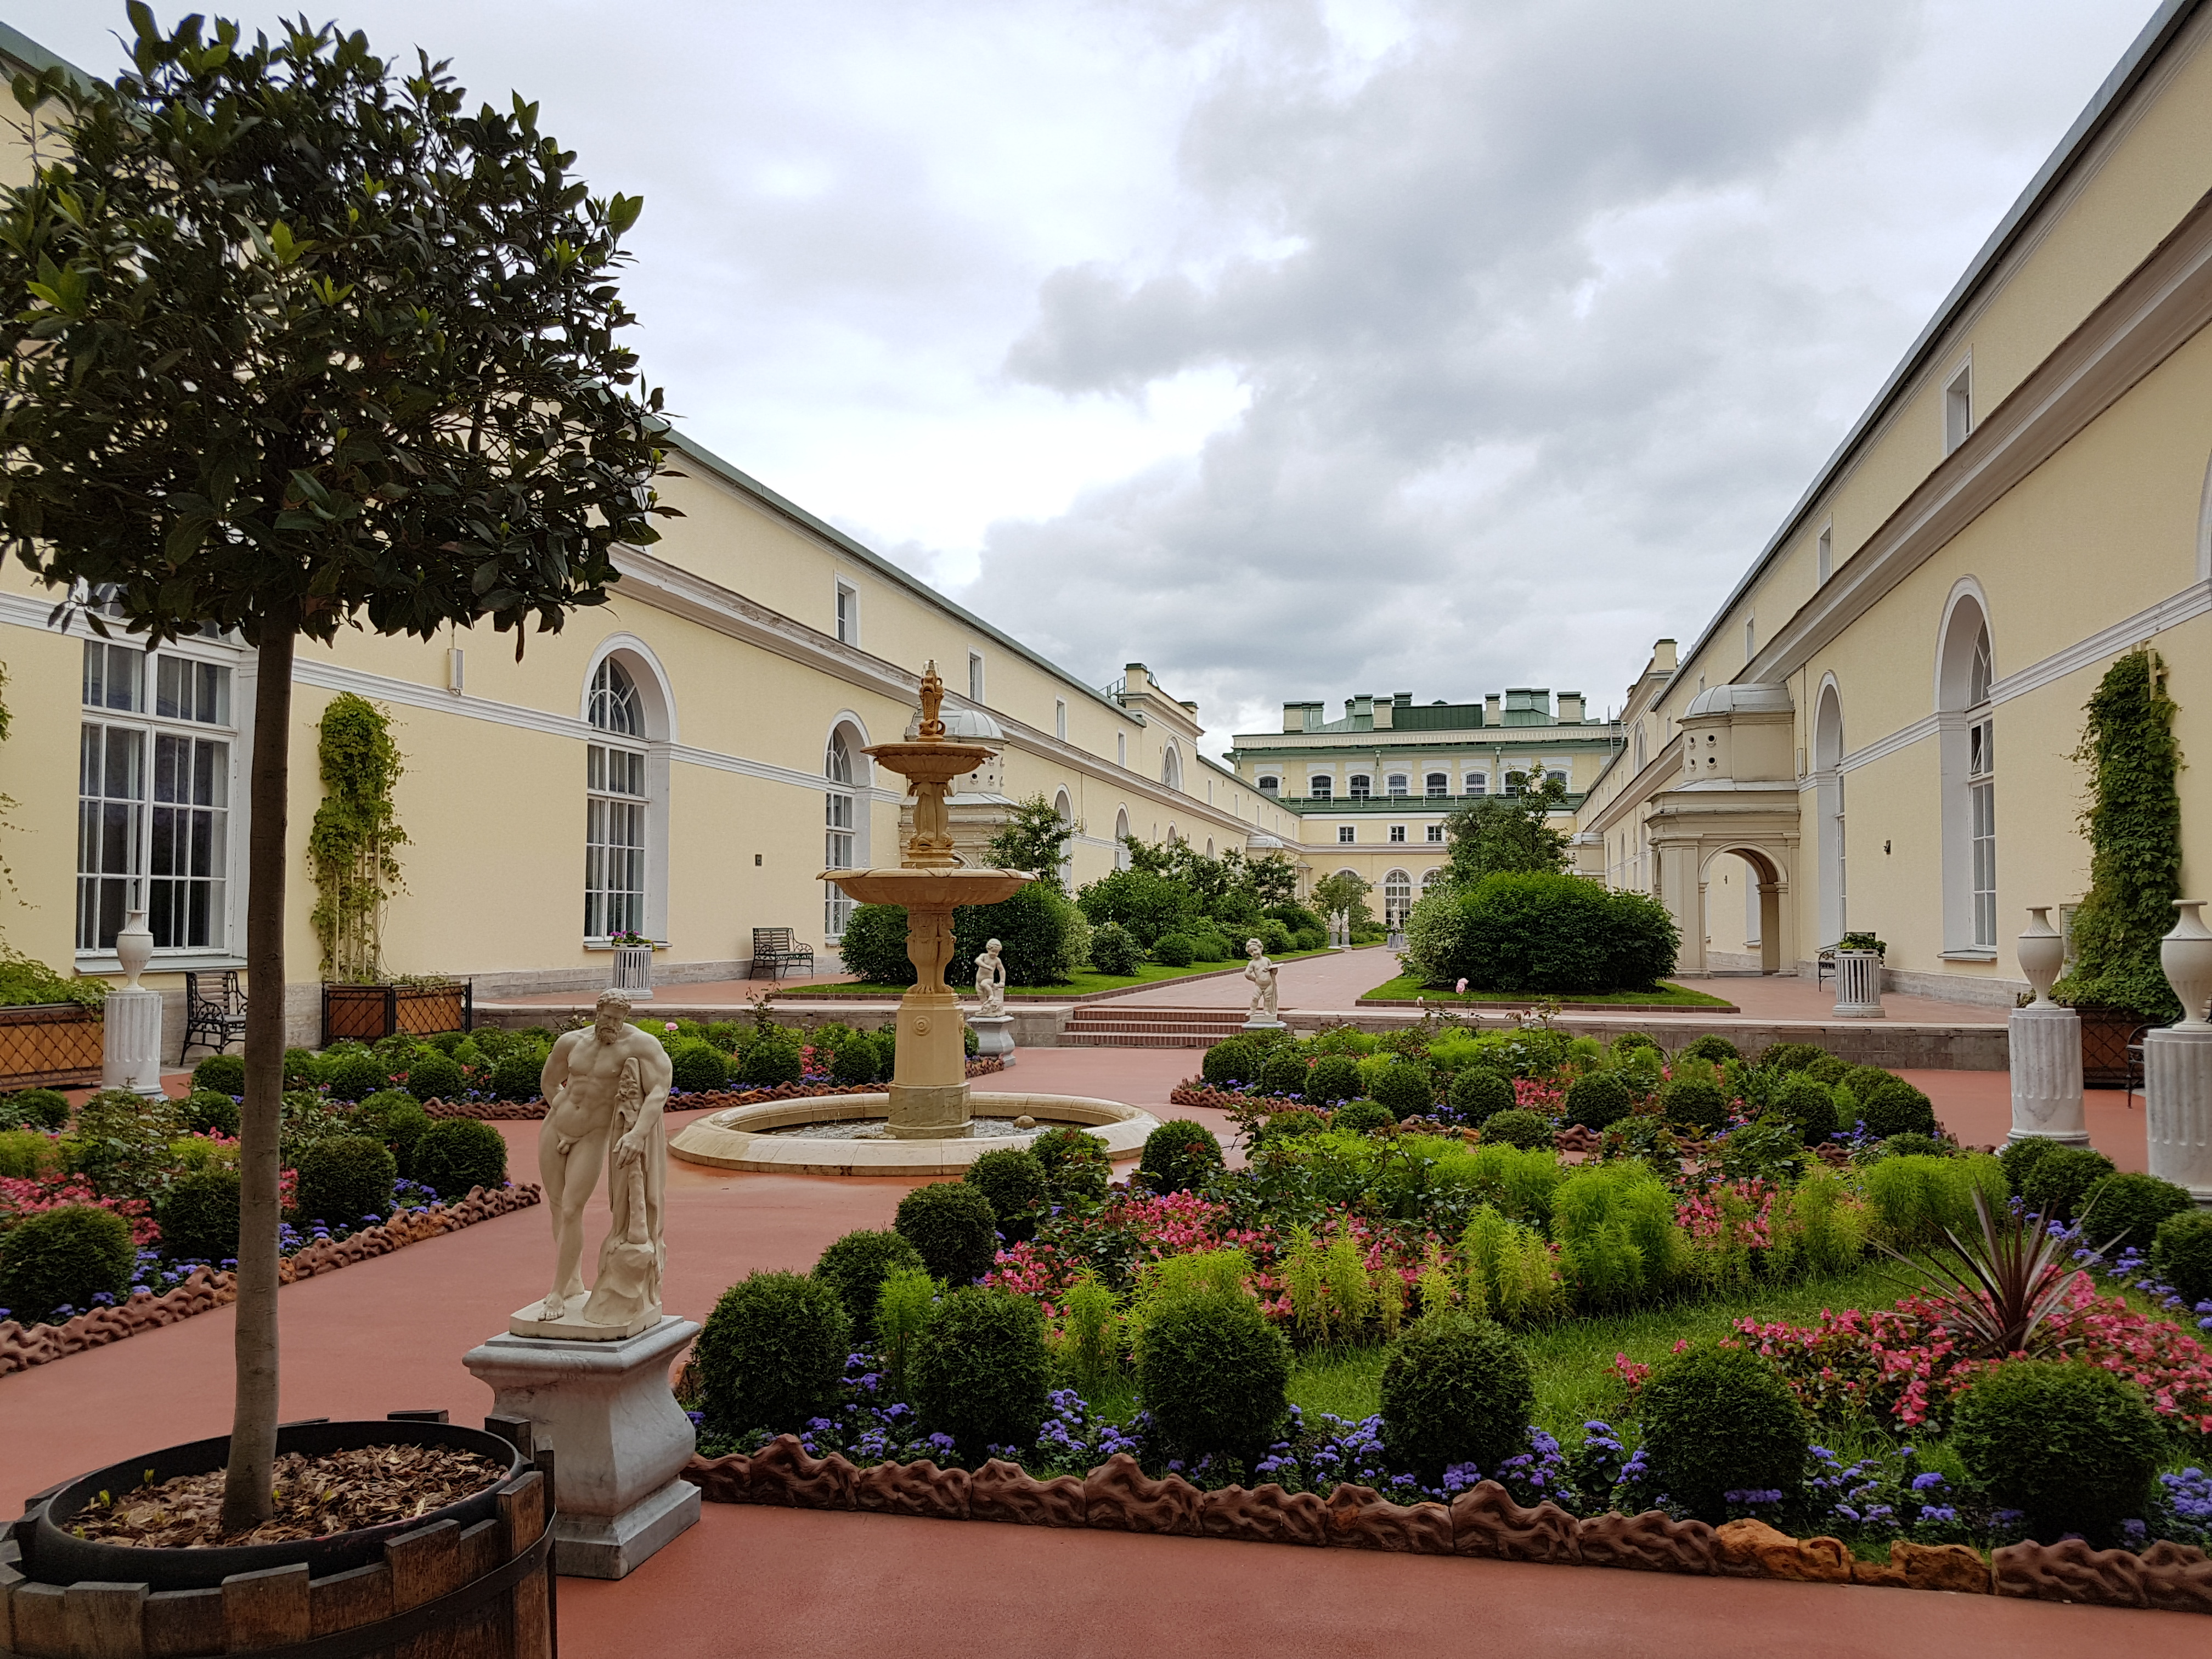 Висячие сады, авходящие с Павильонного зала